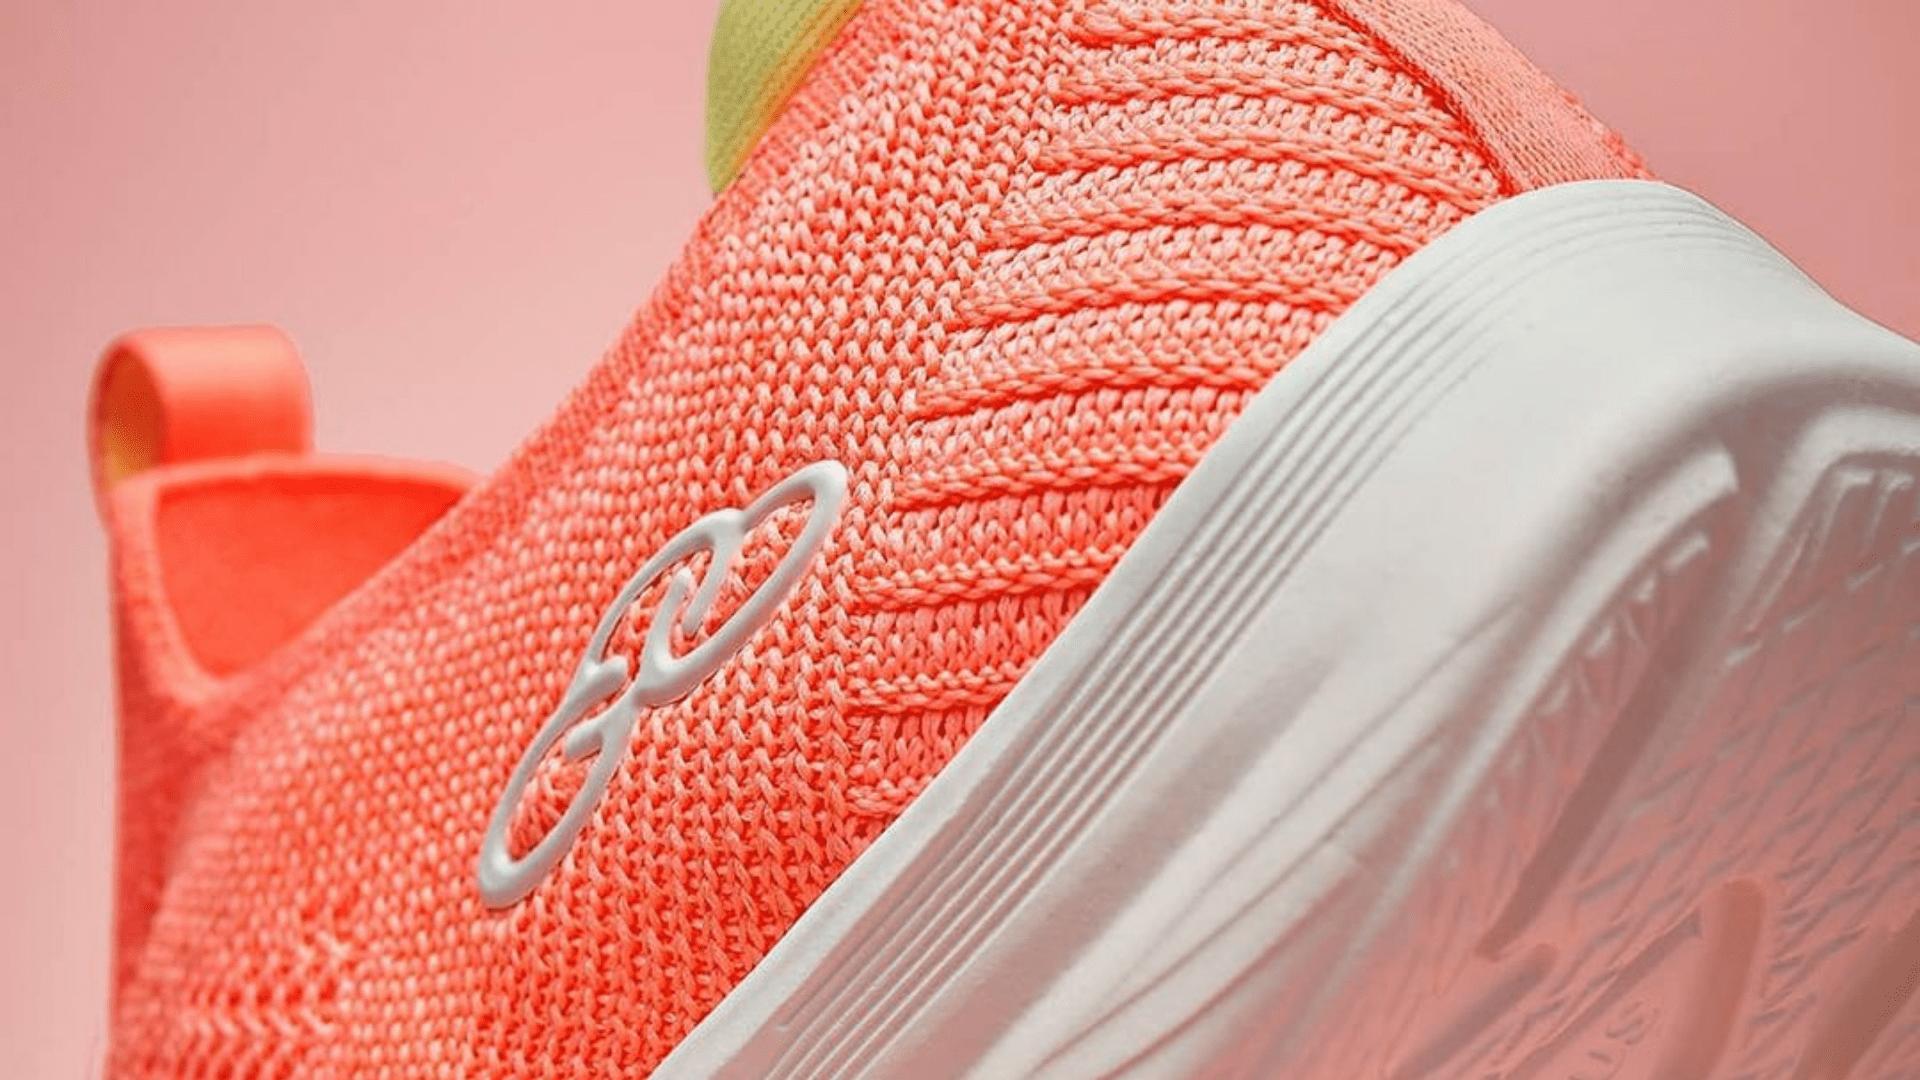 Veja a nossa seleção dos melhores tênis Olympikus para corrida para comprar em 2021! (Imagem: Reprodução/Shutterstock)